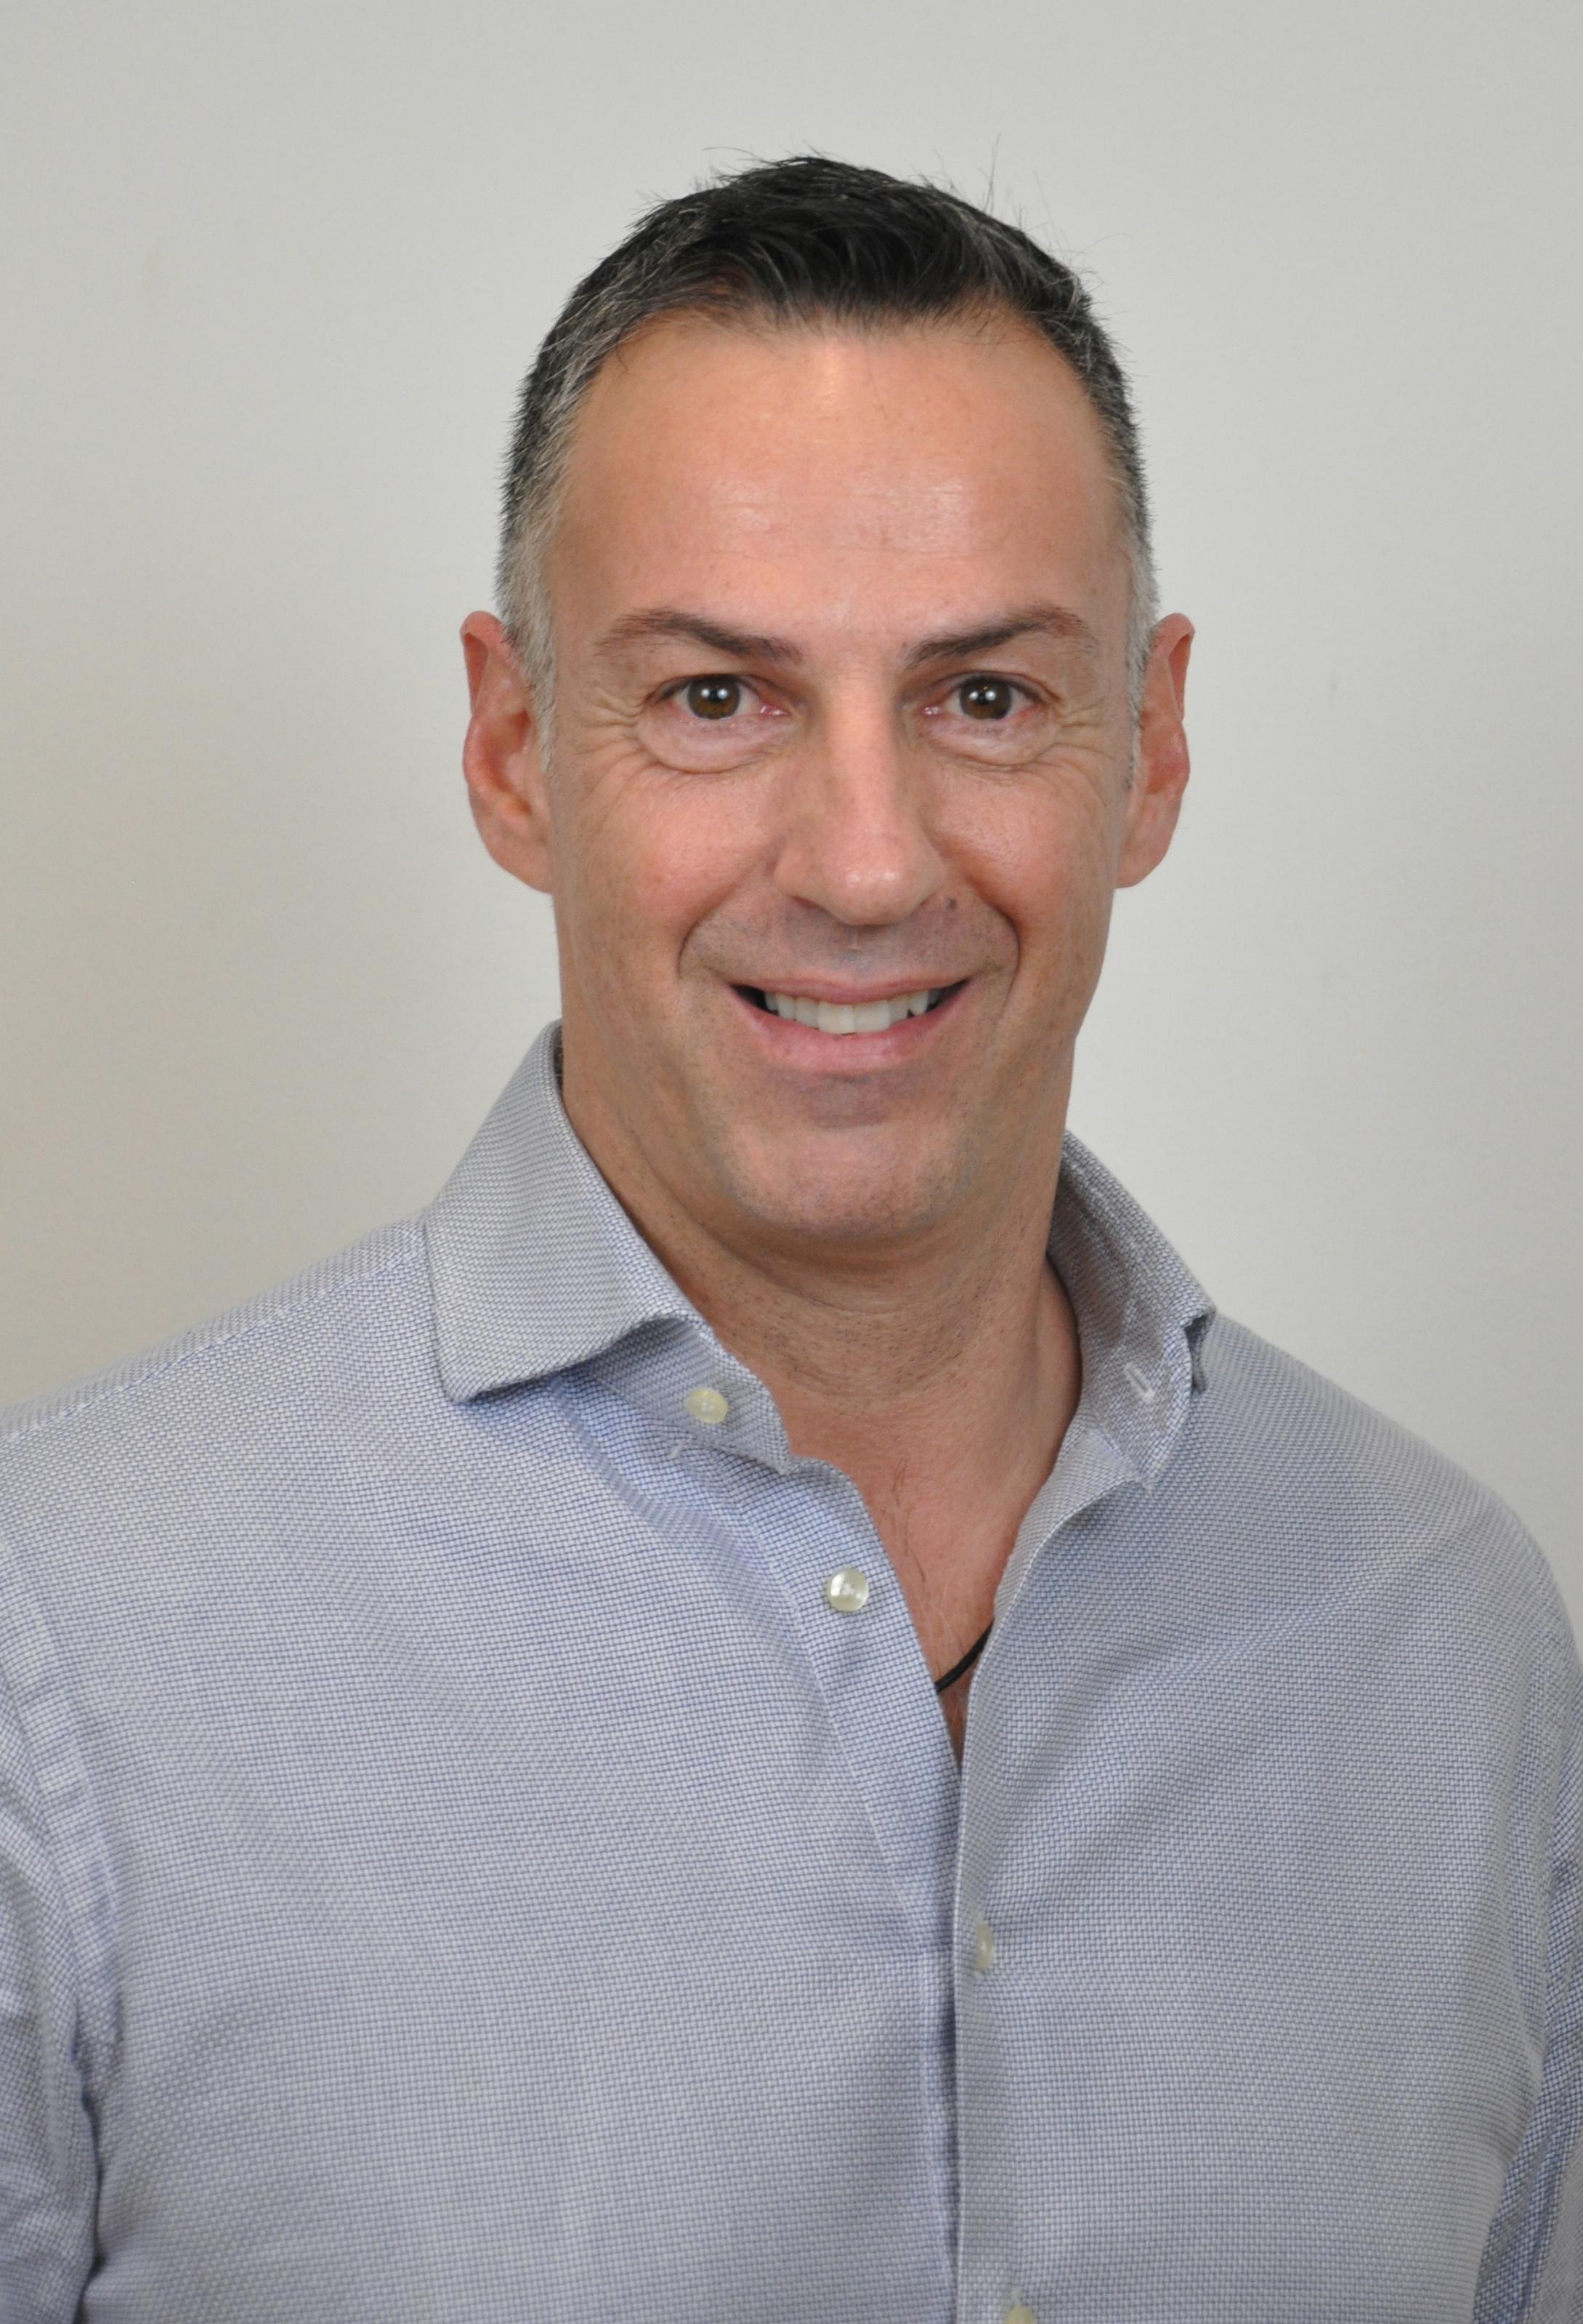 Manolis Magkonis